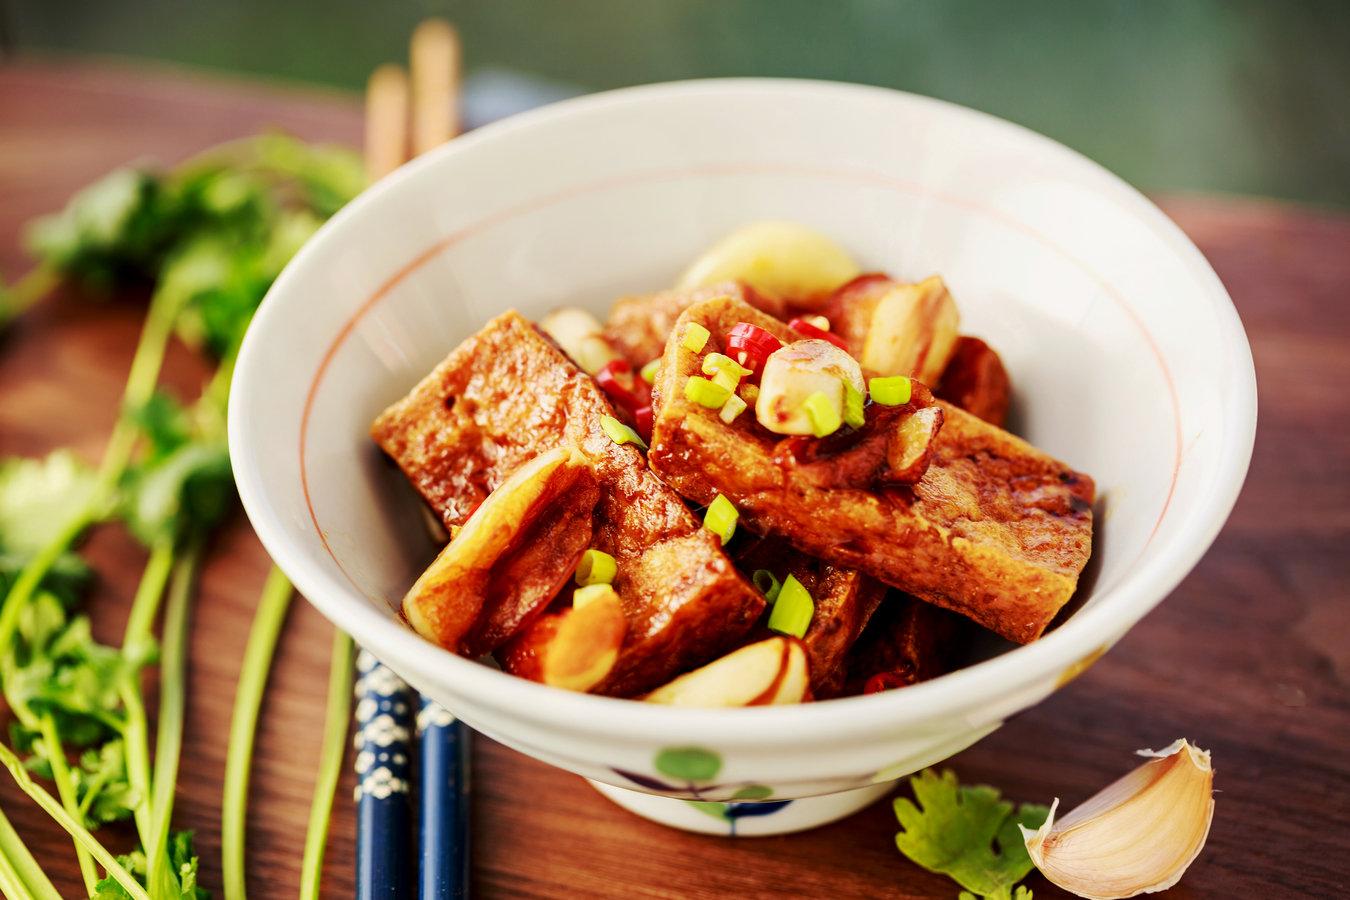 炖豆腐吃腻了,换种吃法,加它一起烧上桌就抢光